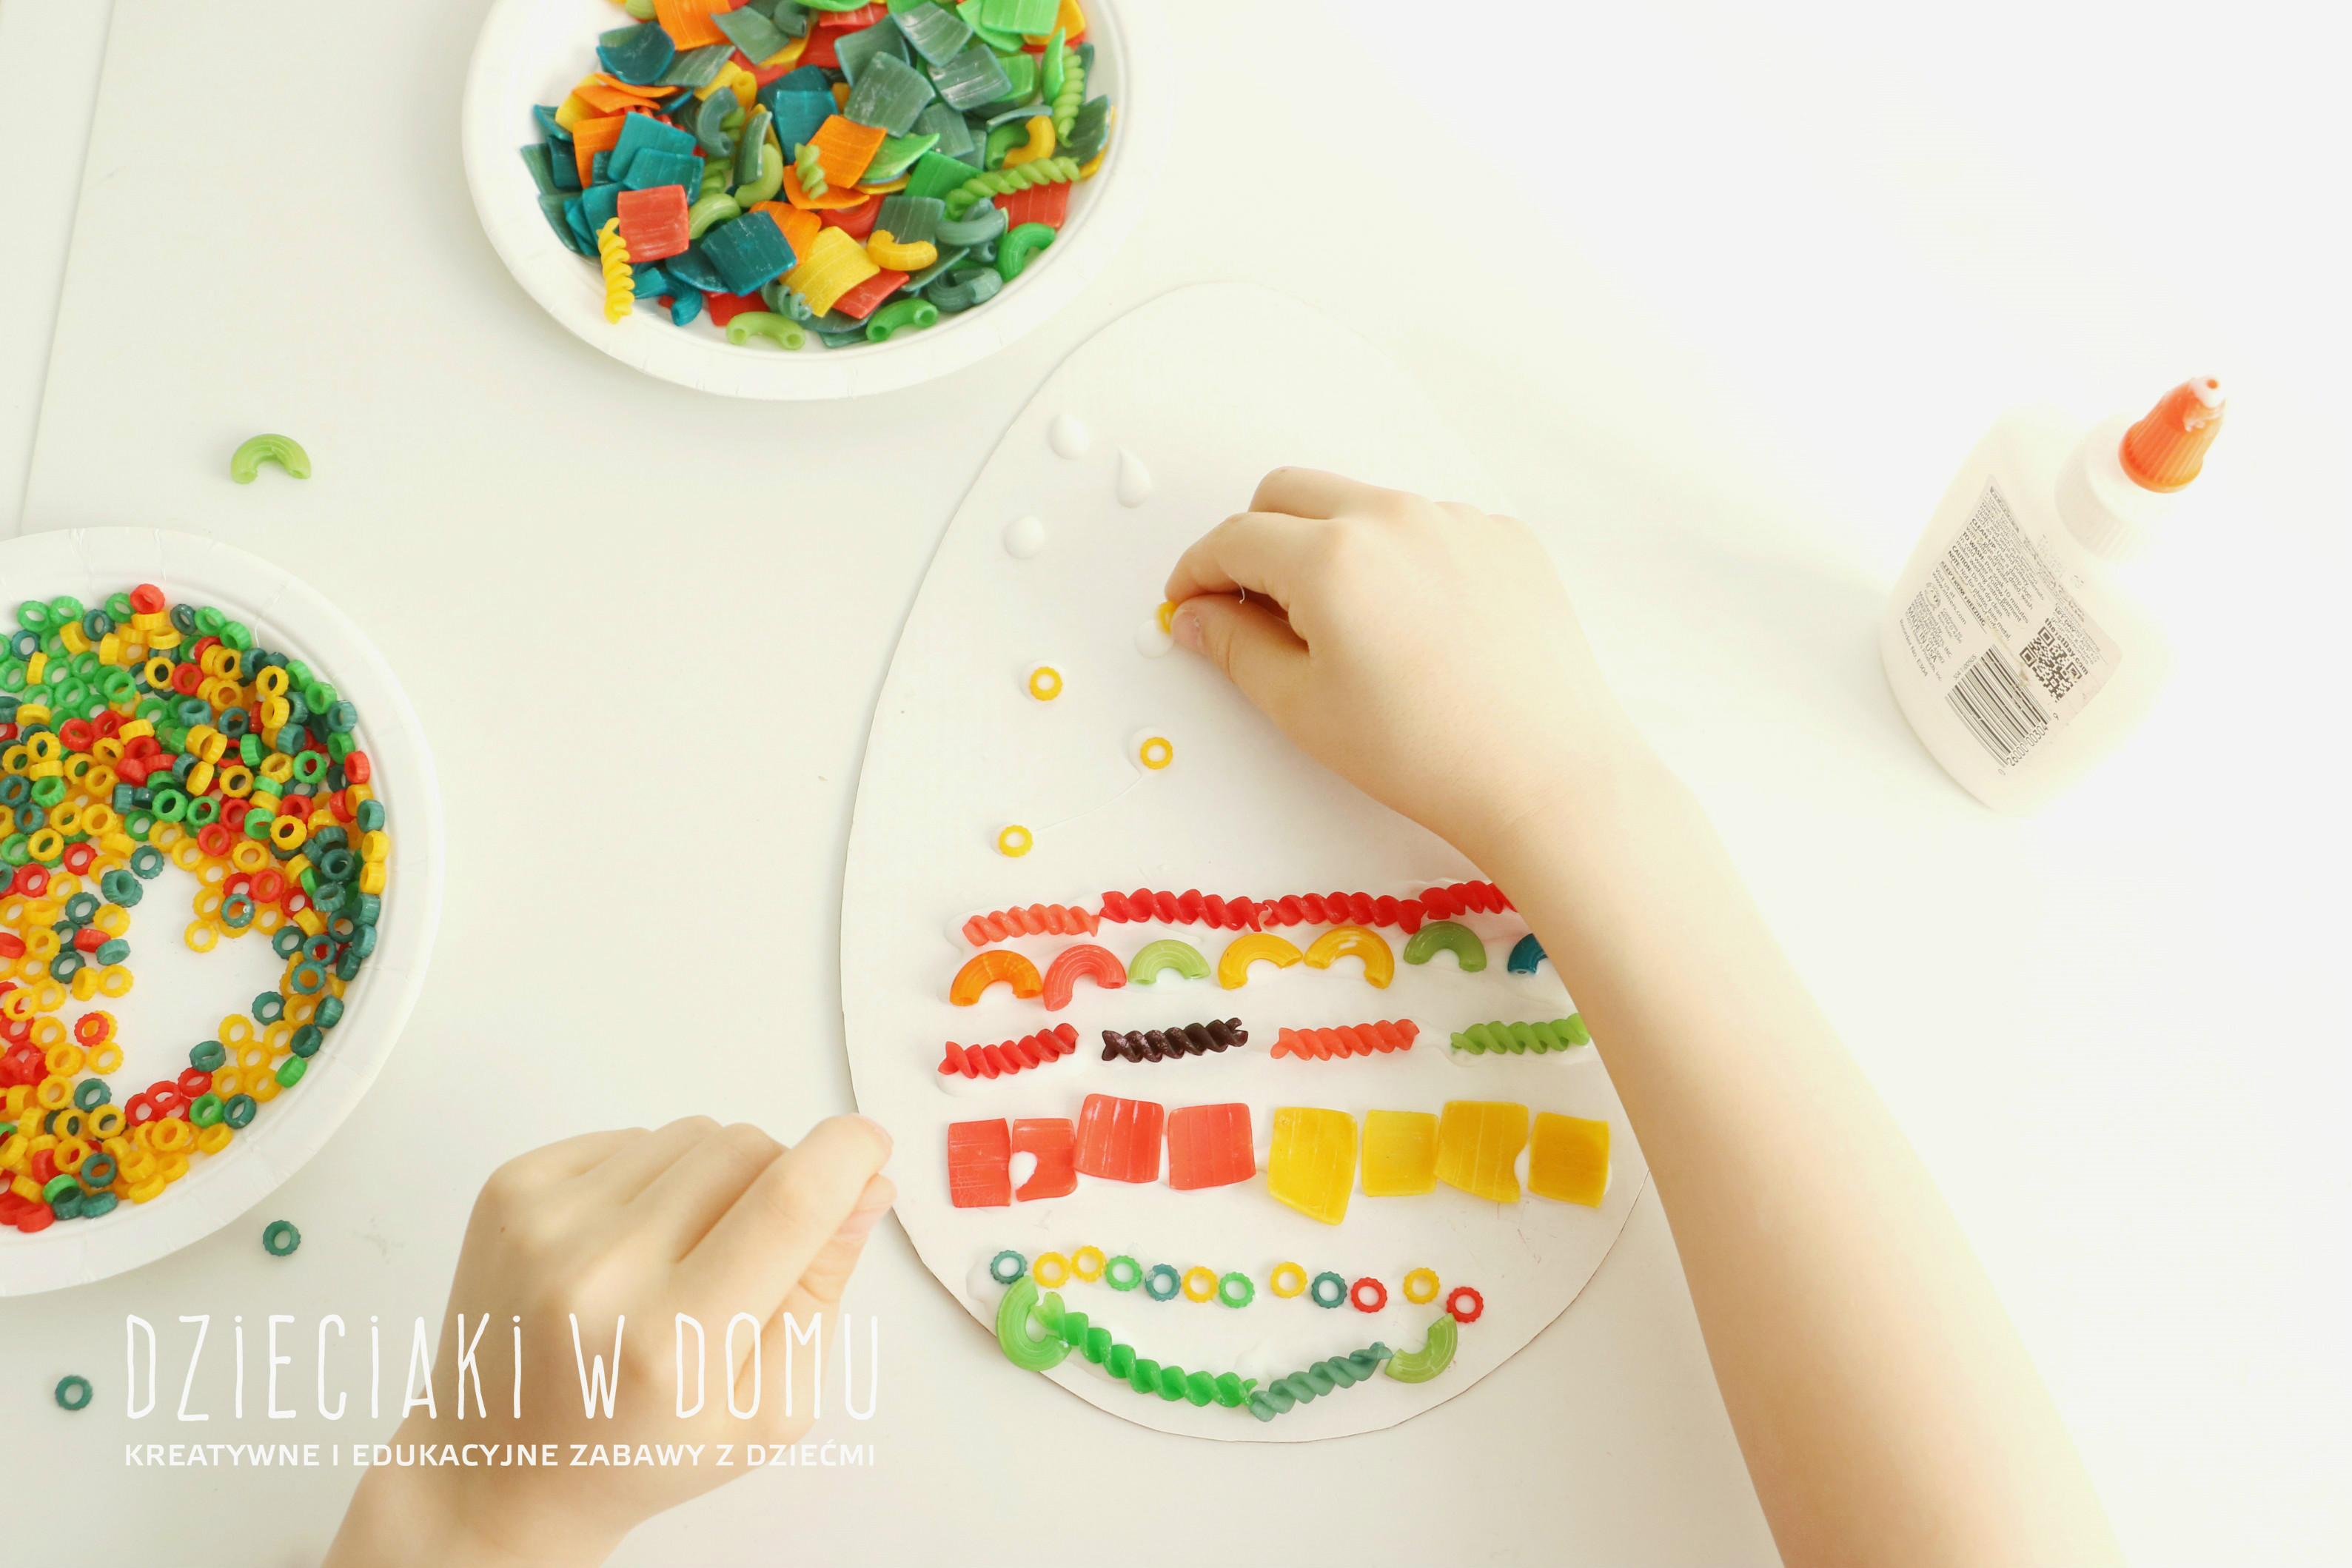 pisanki wyklejane kolorowym makaronem - praca plastyczna dla dzieci